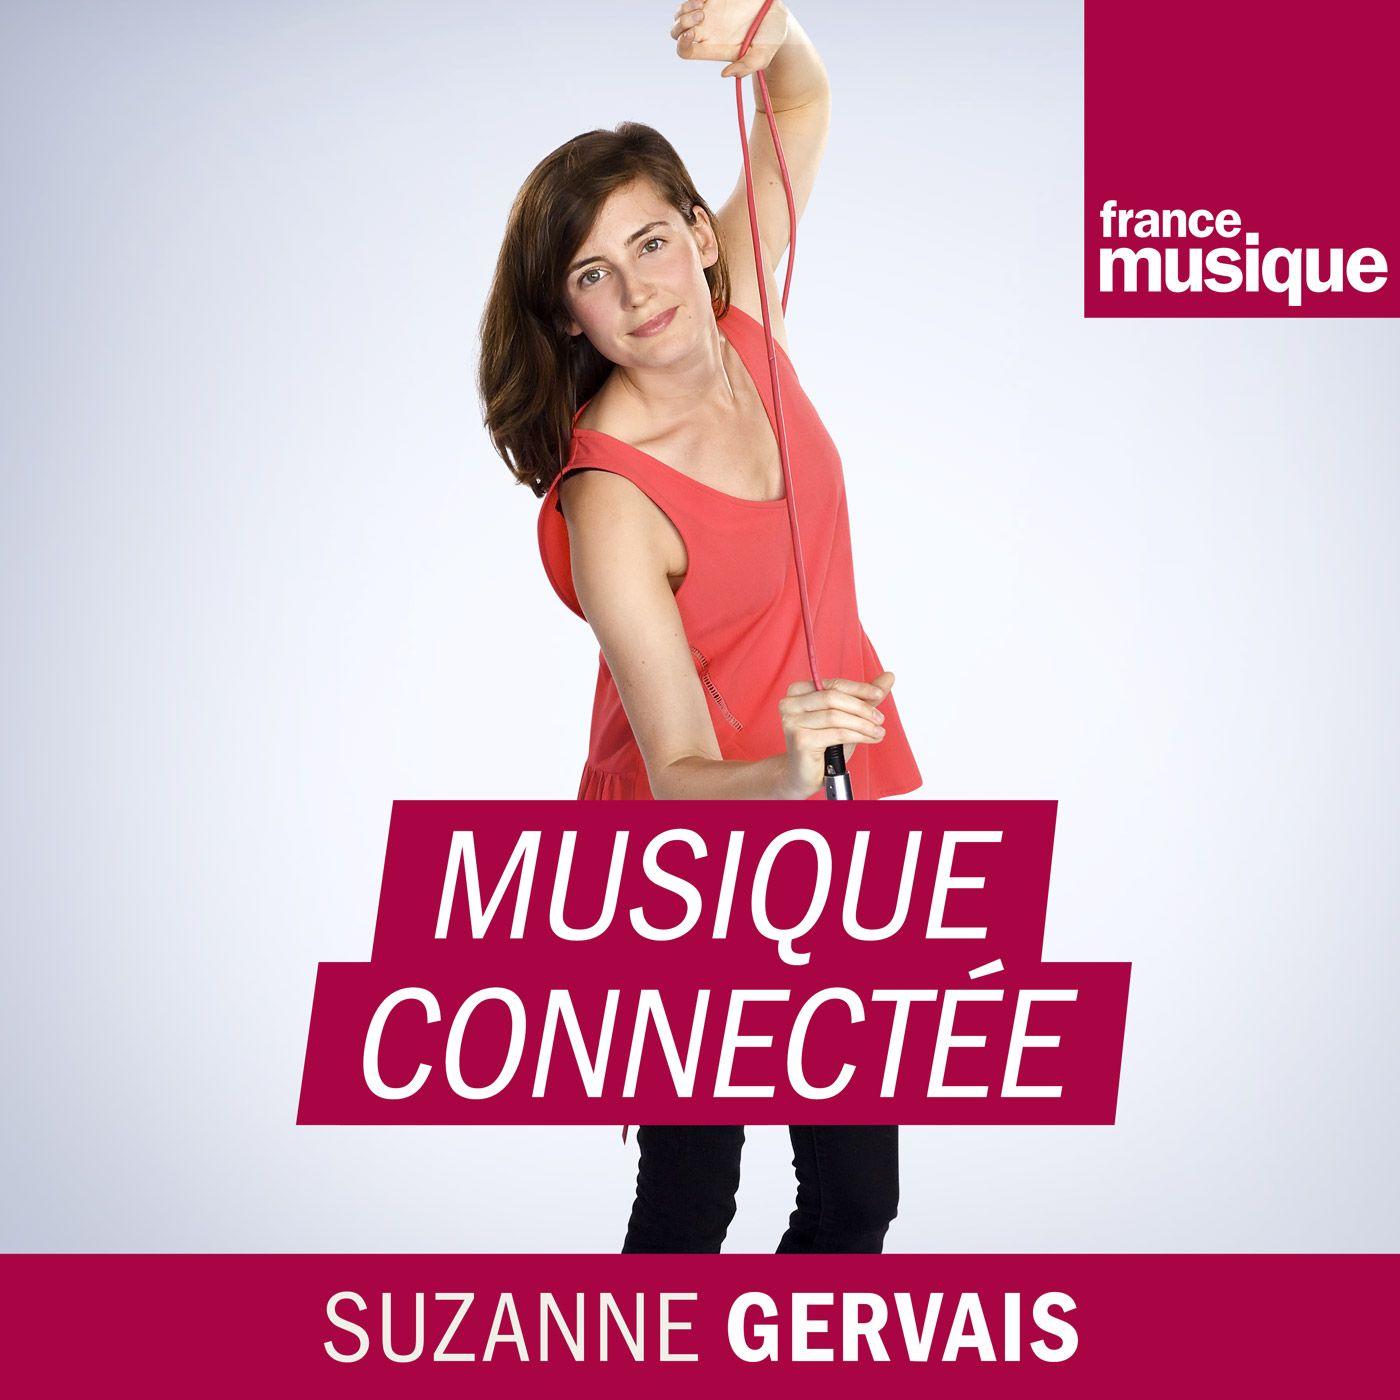 Image 1: Musique connectee